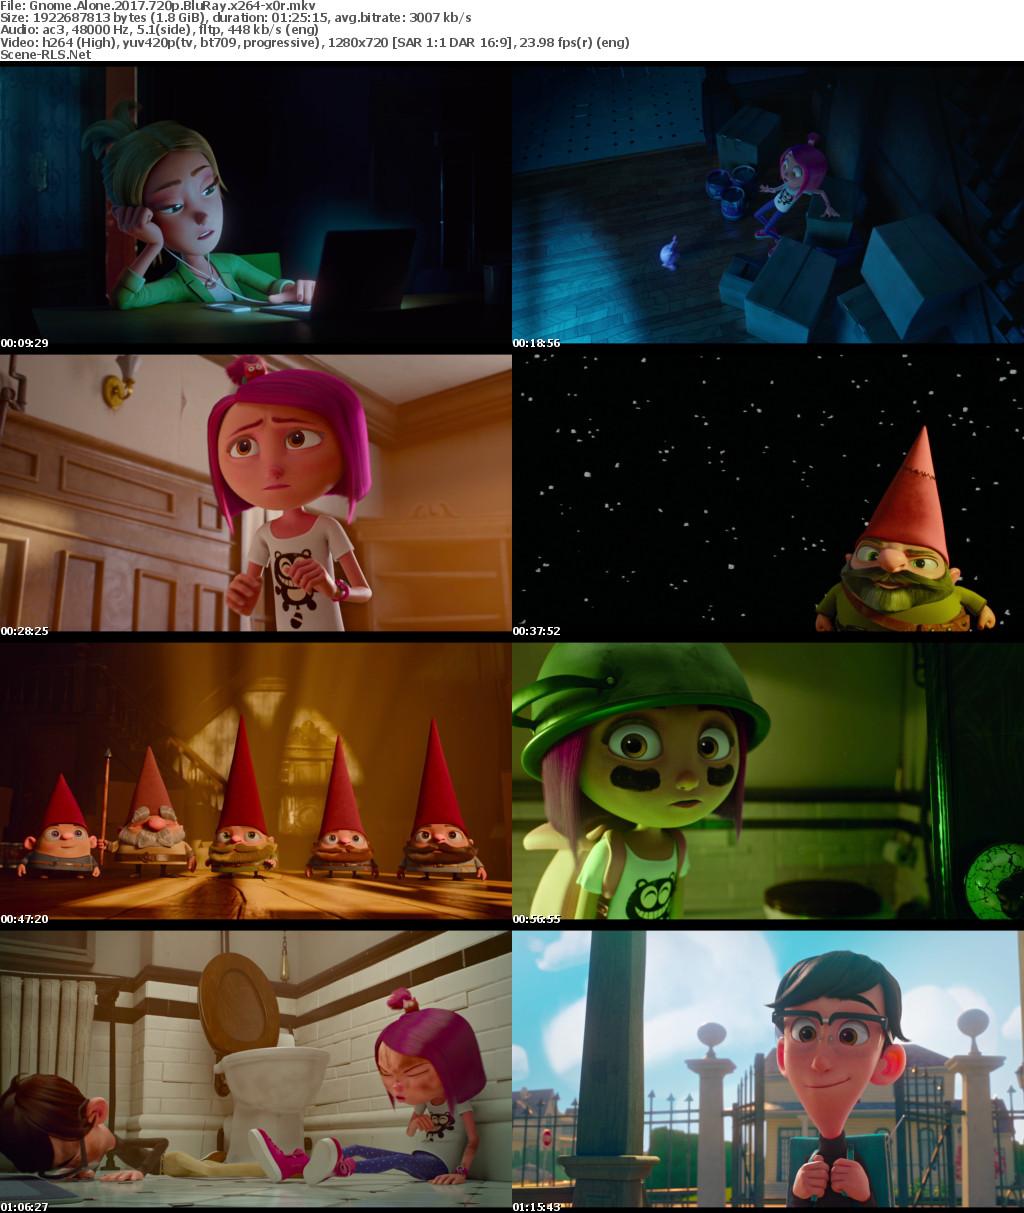 Download Gnome Alone (2017) - EnglishBluRay 720p - 1080p - 480p